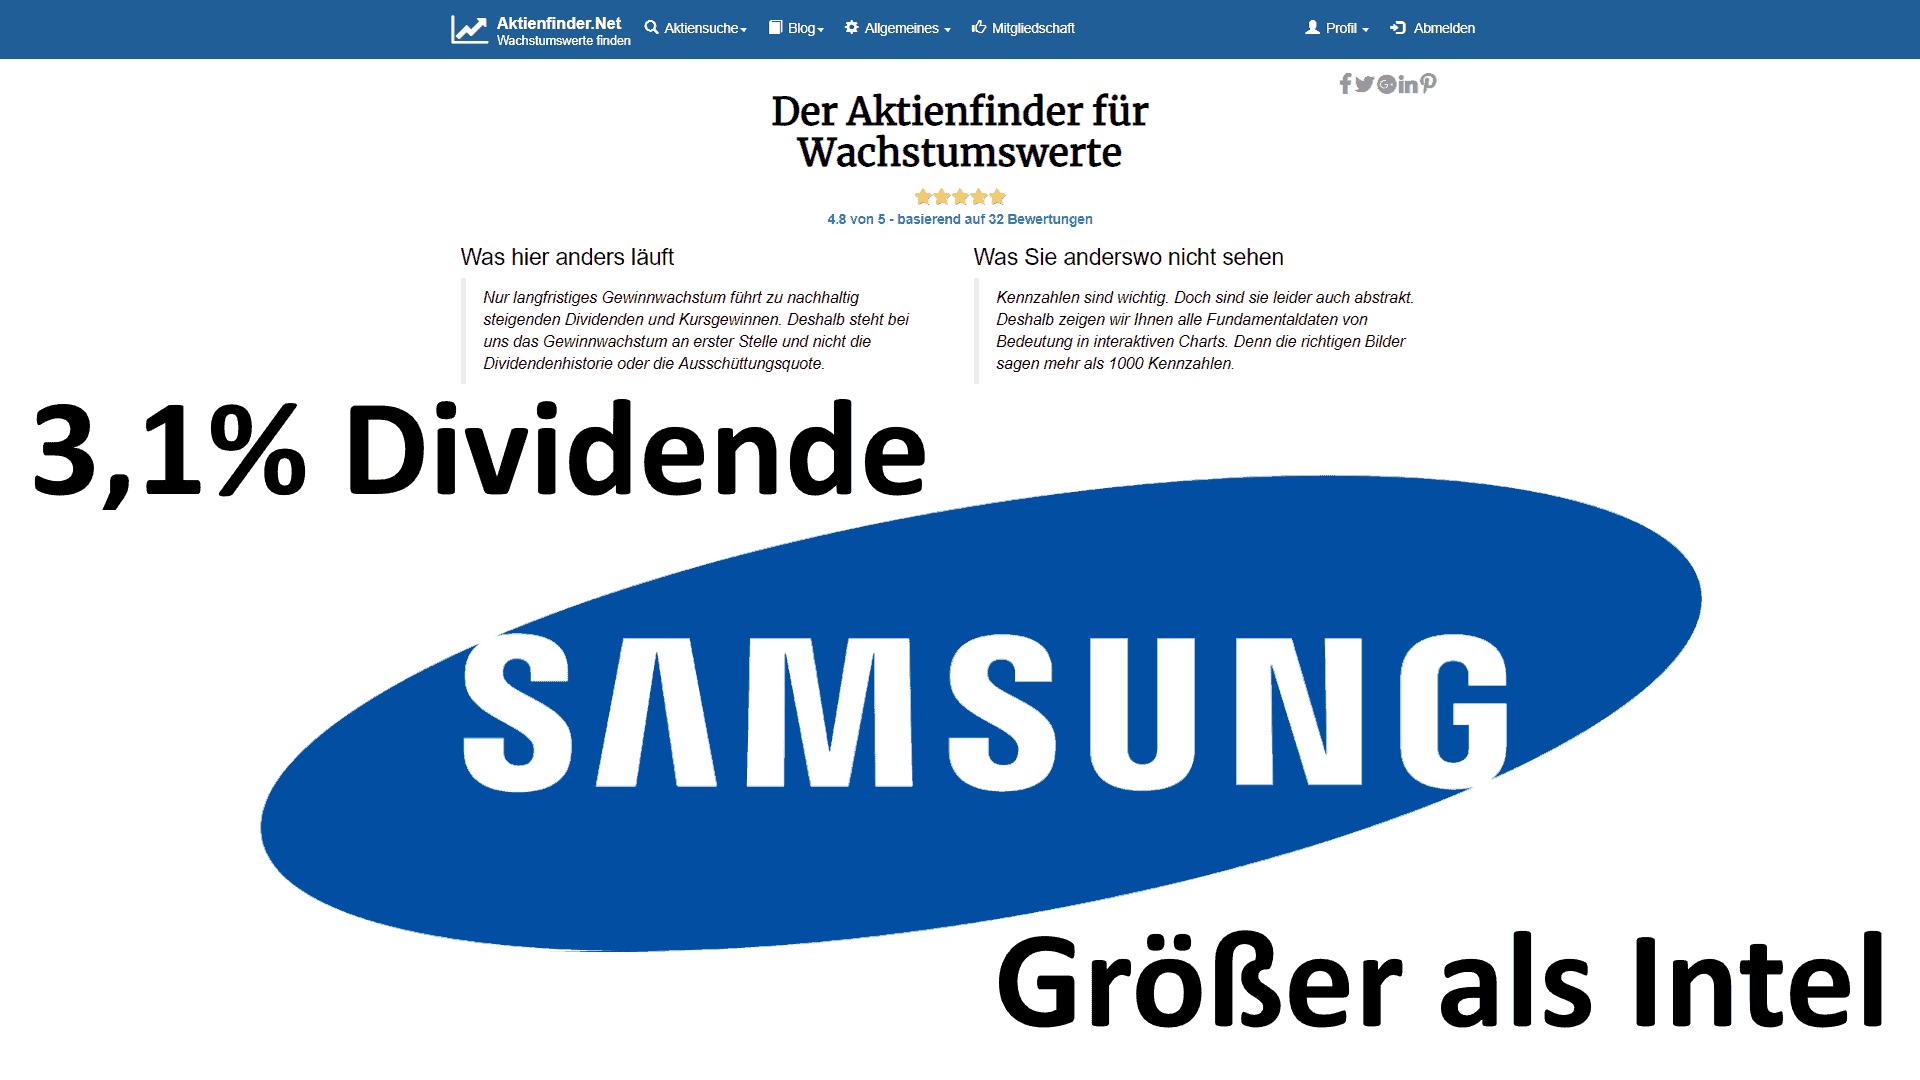 Samsung: Techgigant mit 3,1% Dividende zum Schnäppchenpreis?